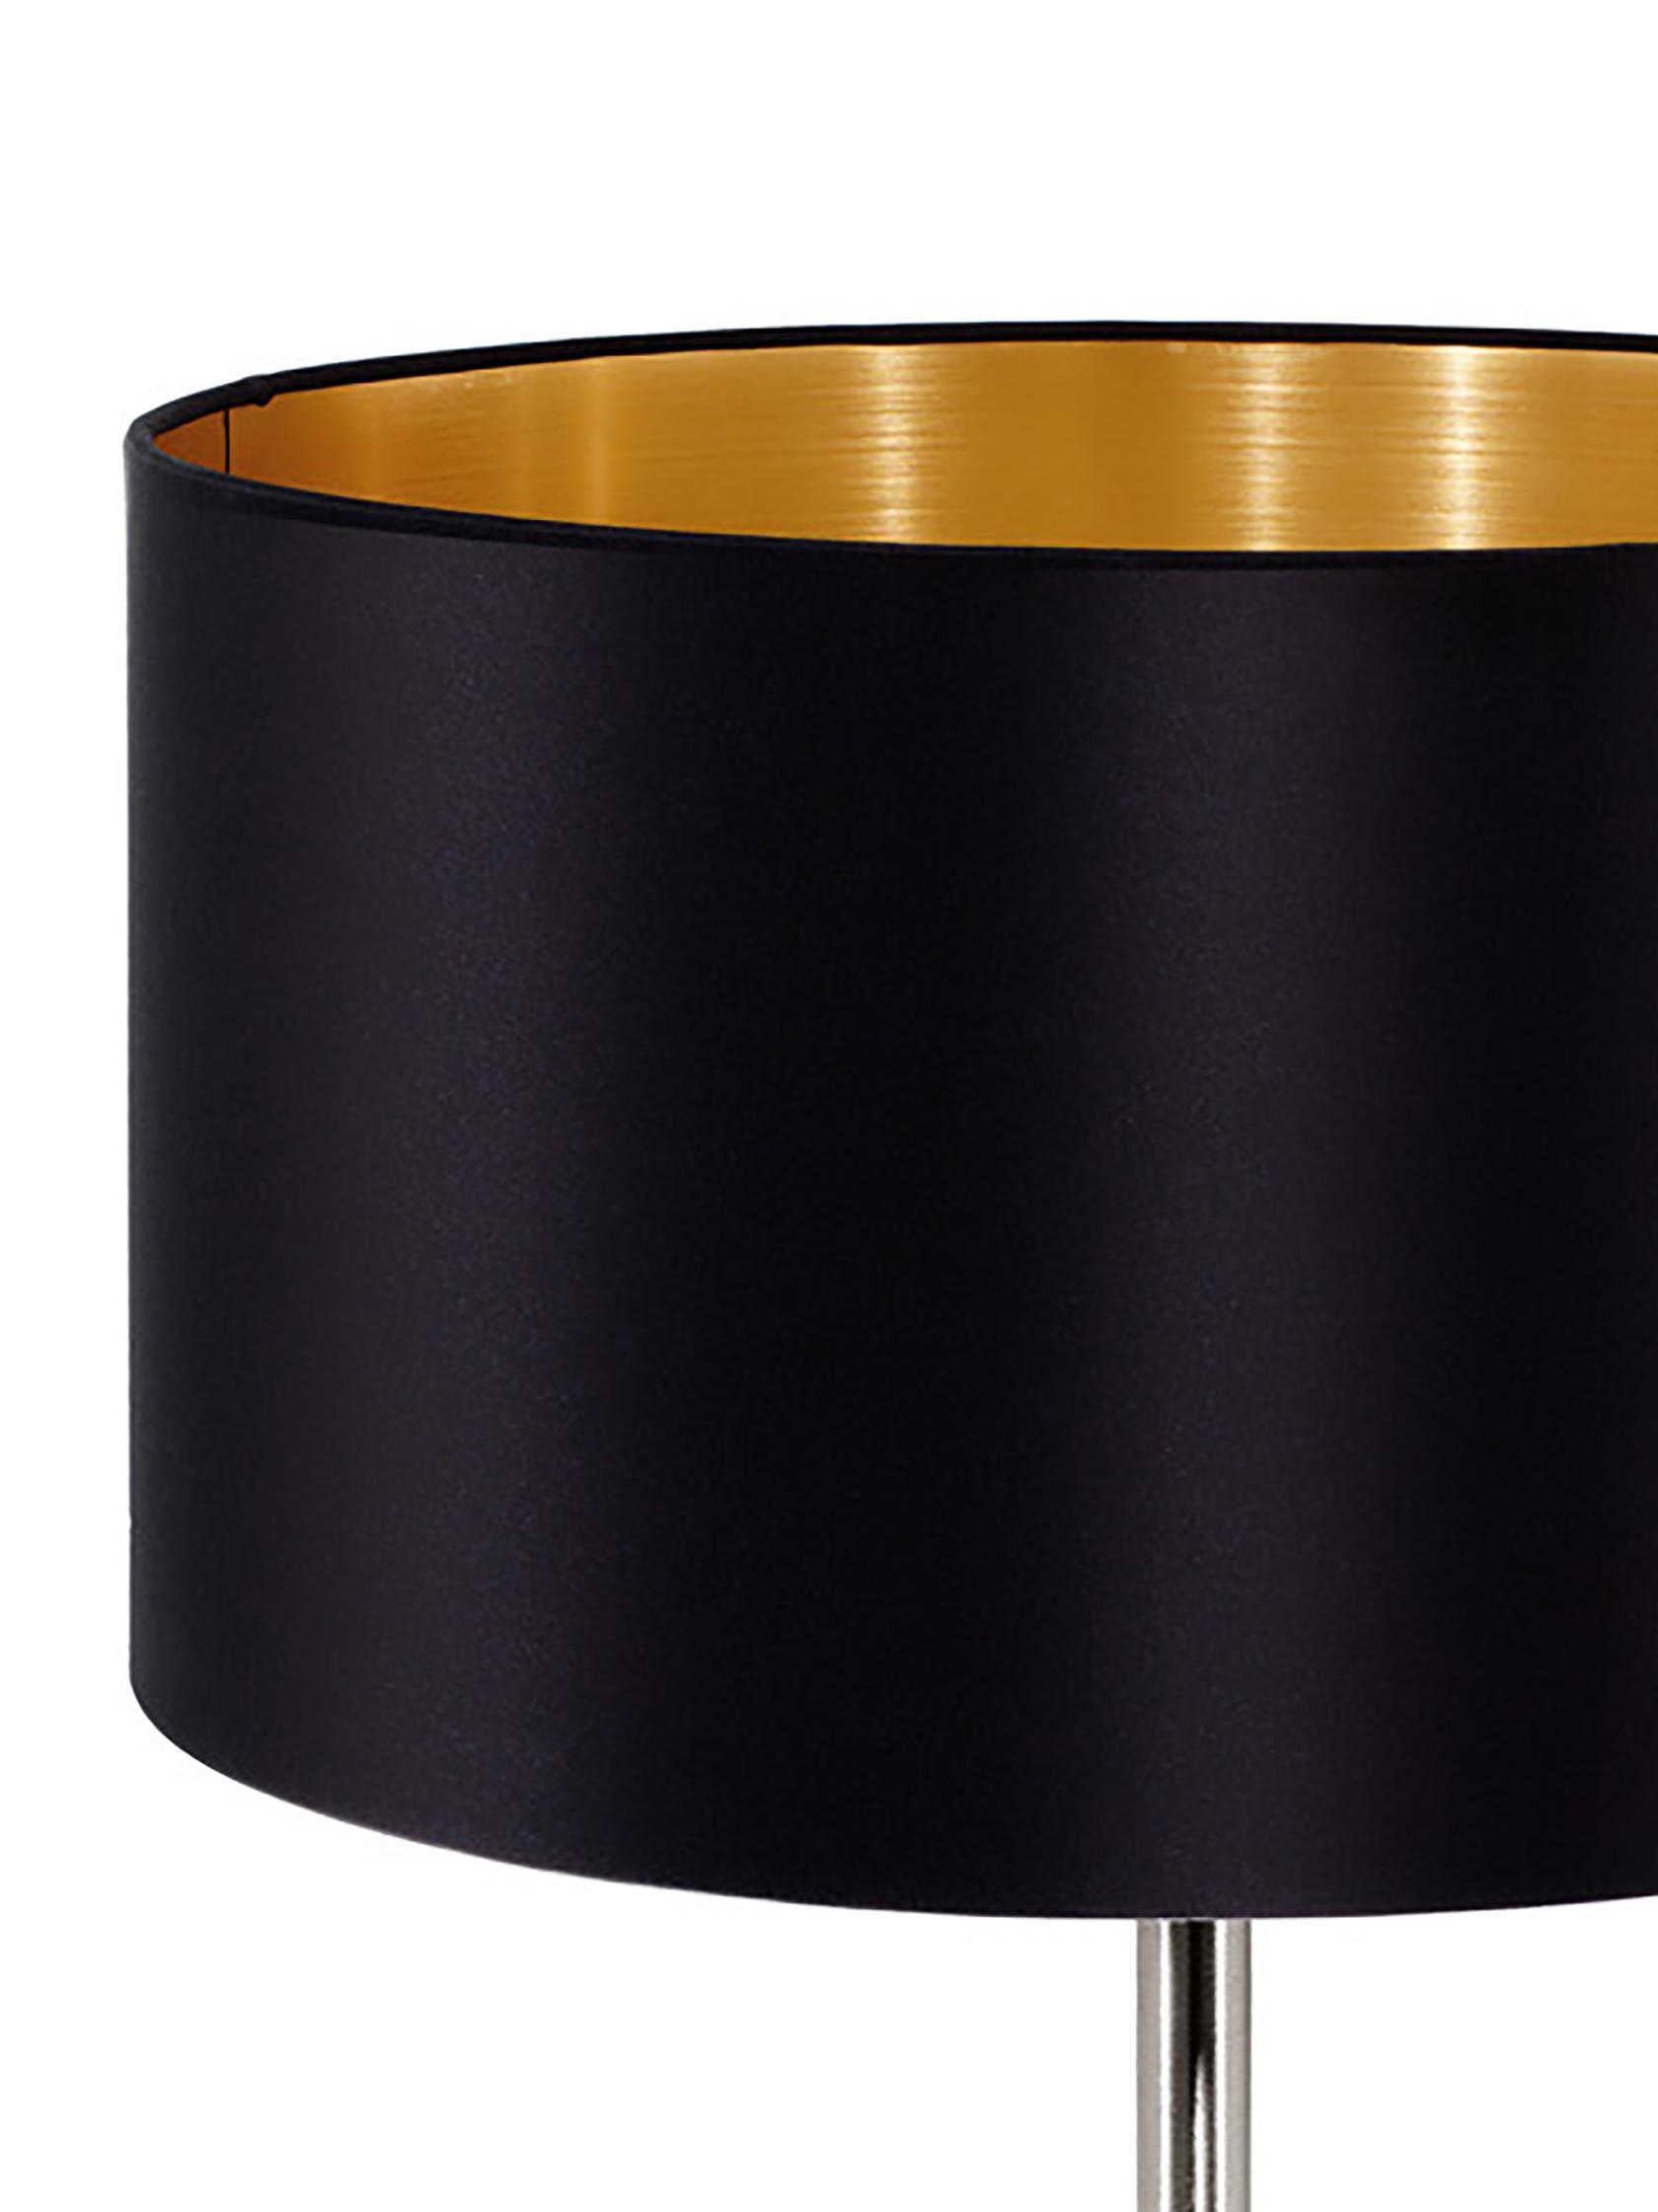 Tischlampe Jamie mit Gold, Lampenfuß: Metall, vernickelt, Schwarz,Silberfarben, ∅ 23 x H 42 cm